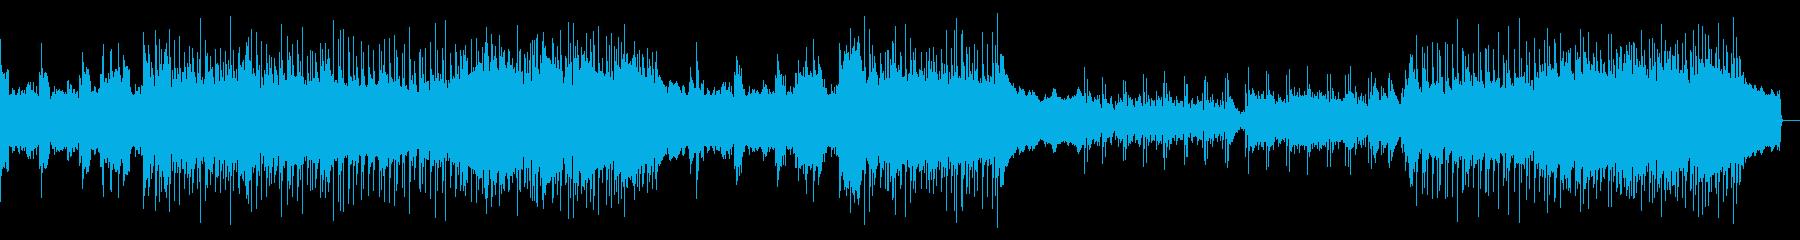 往年のハードロック(ギターソロ抜き)の再生済みの波形